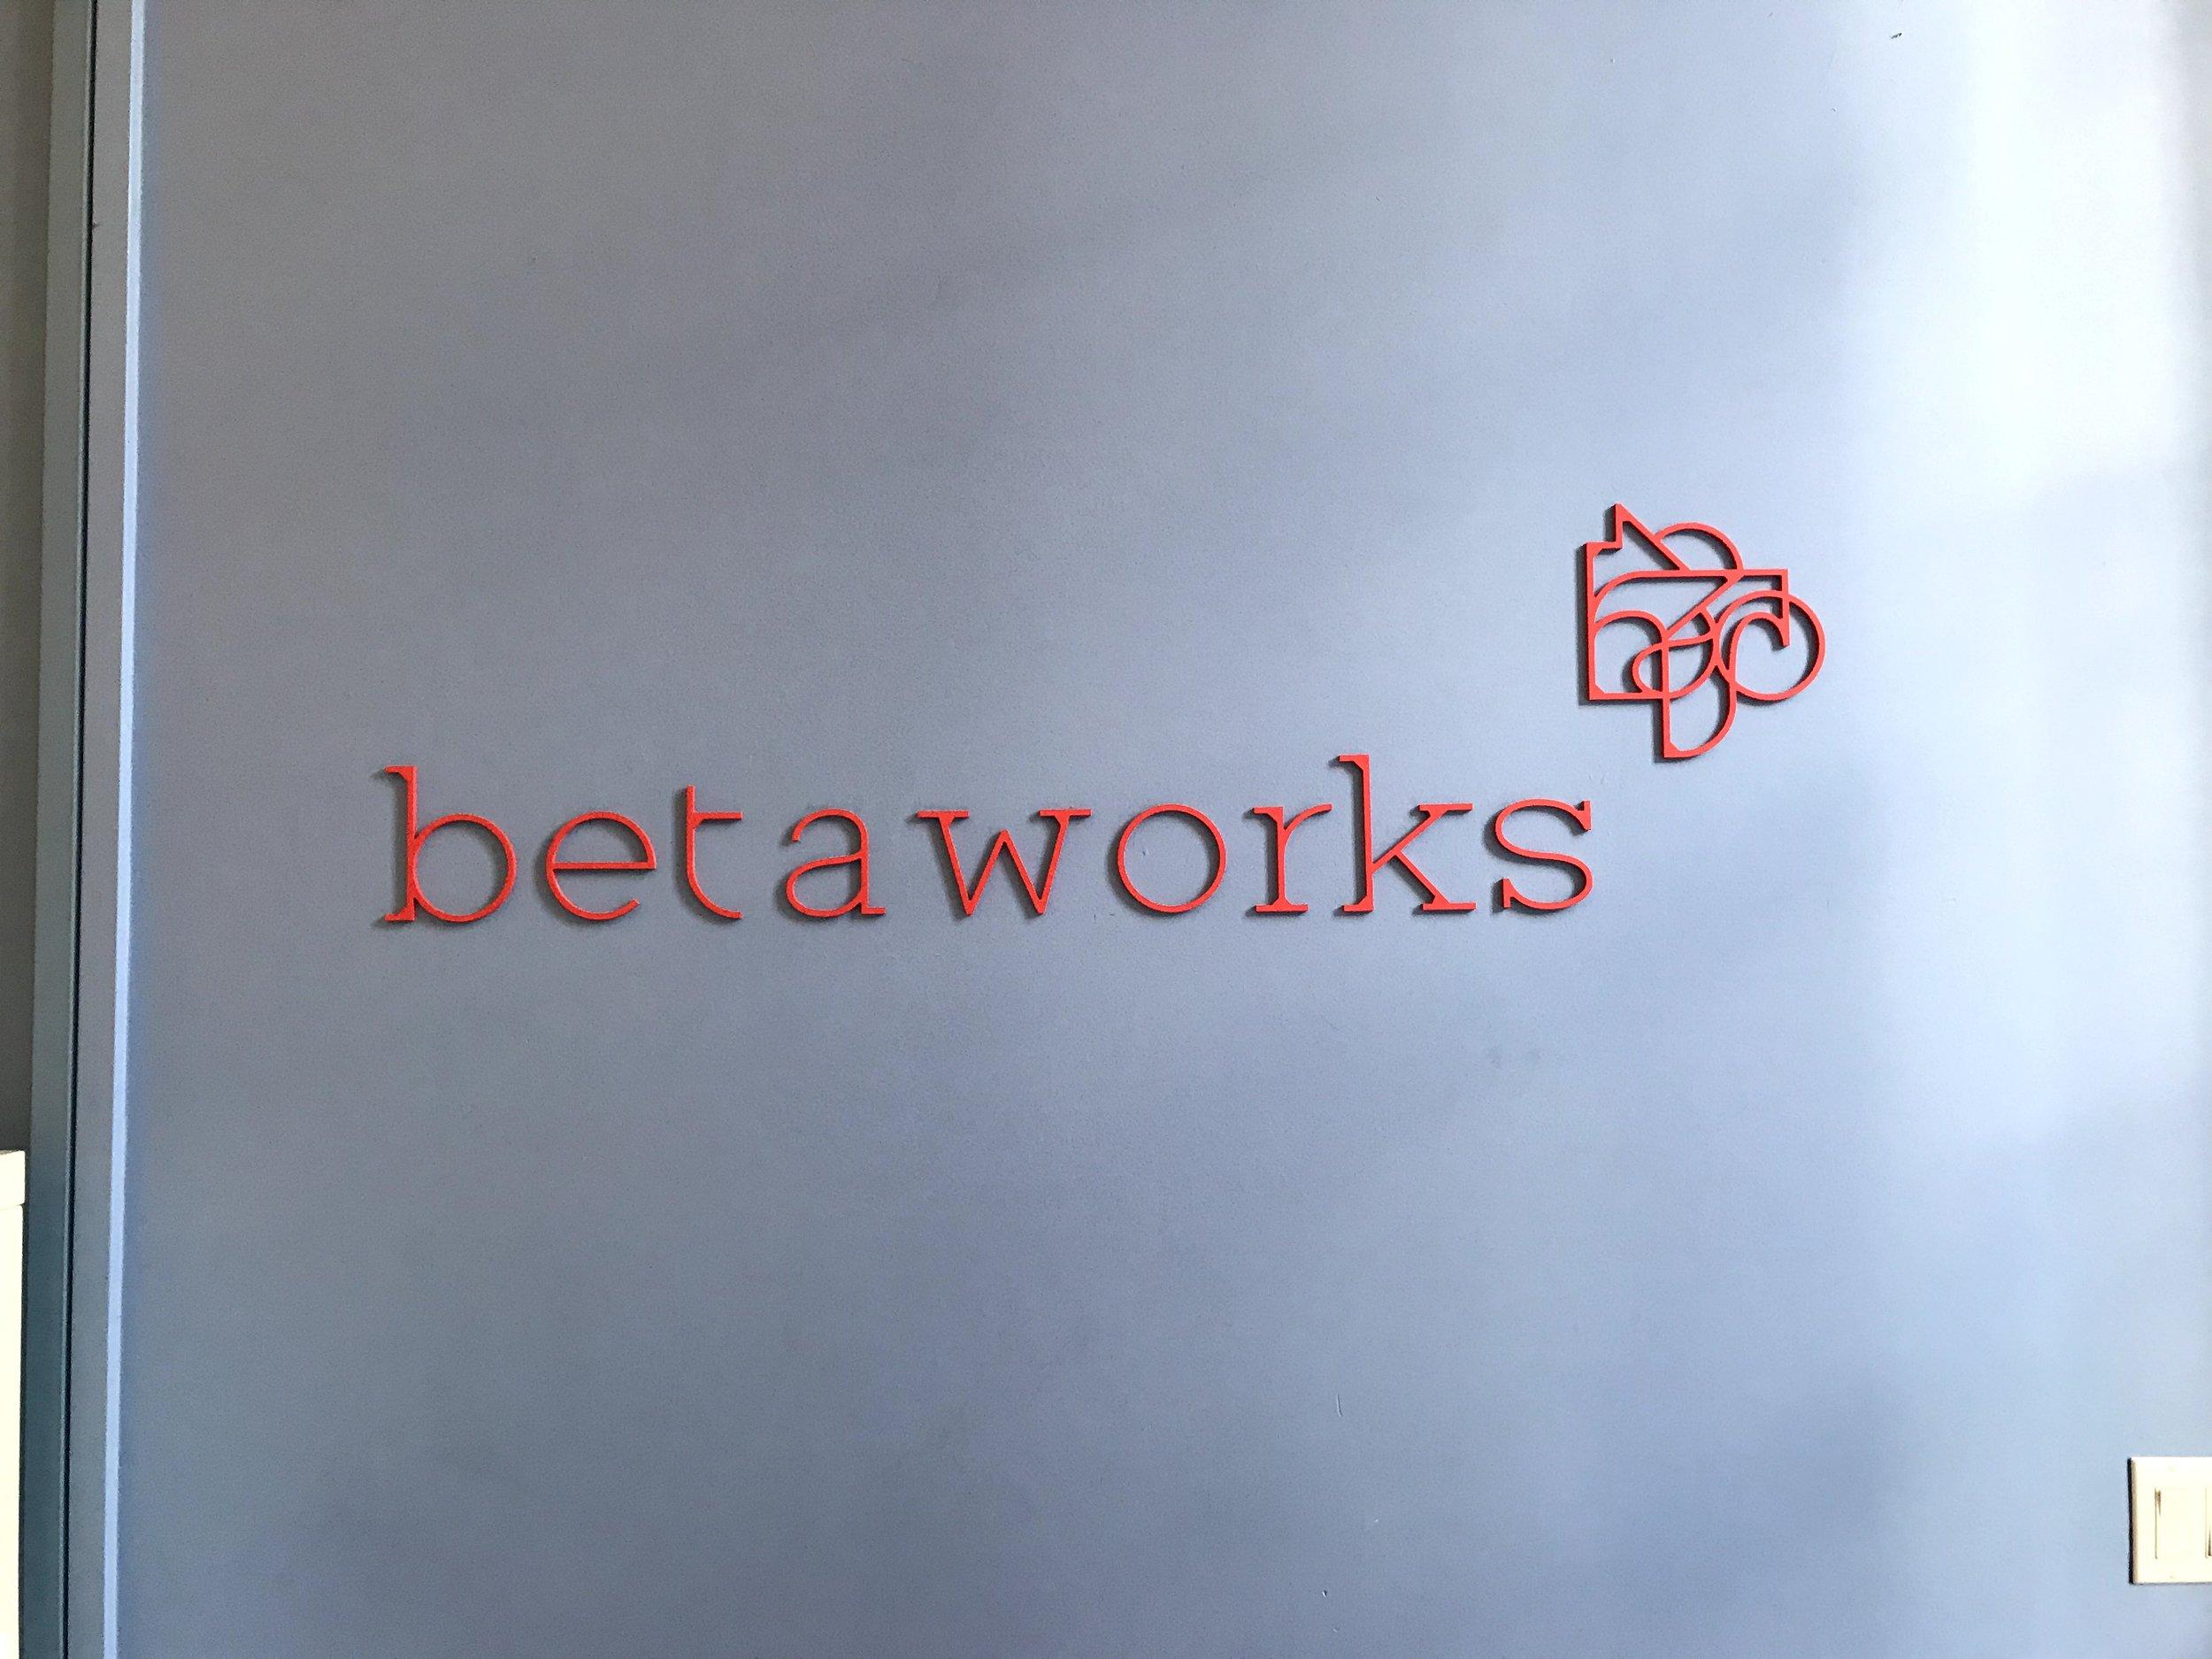 Betaworks.jpg